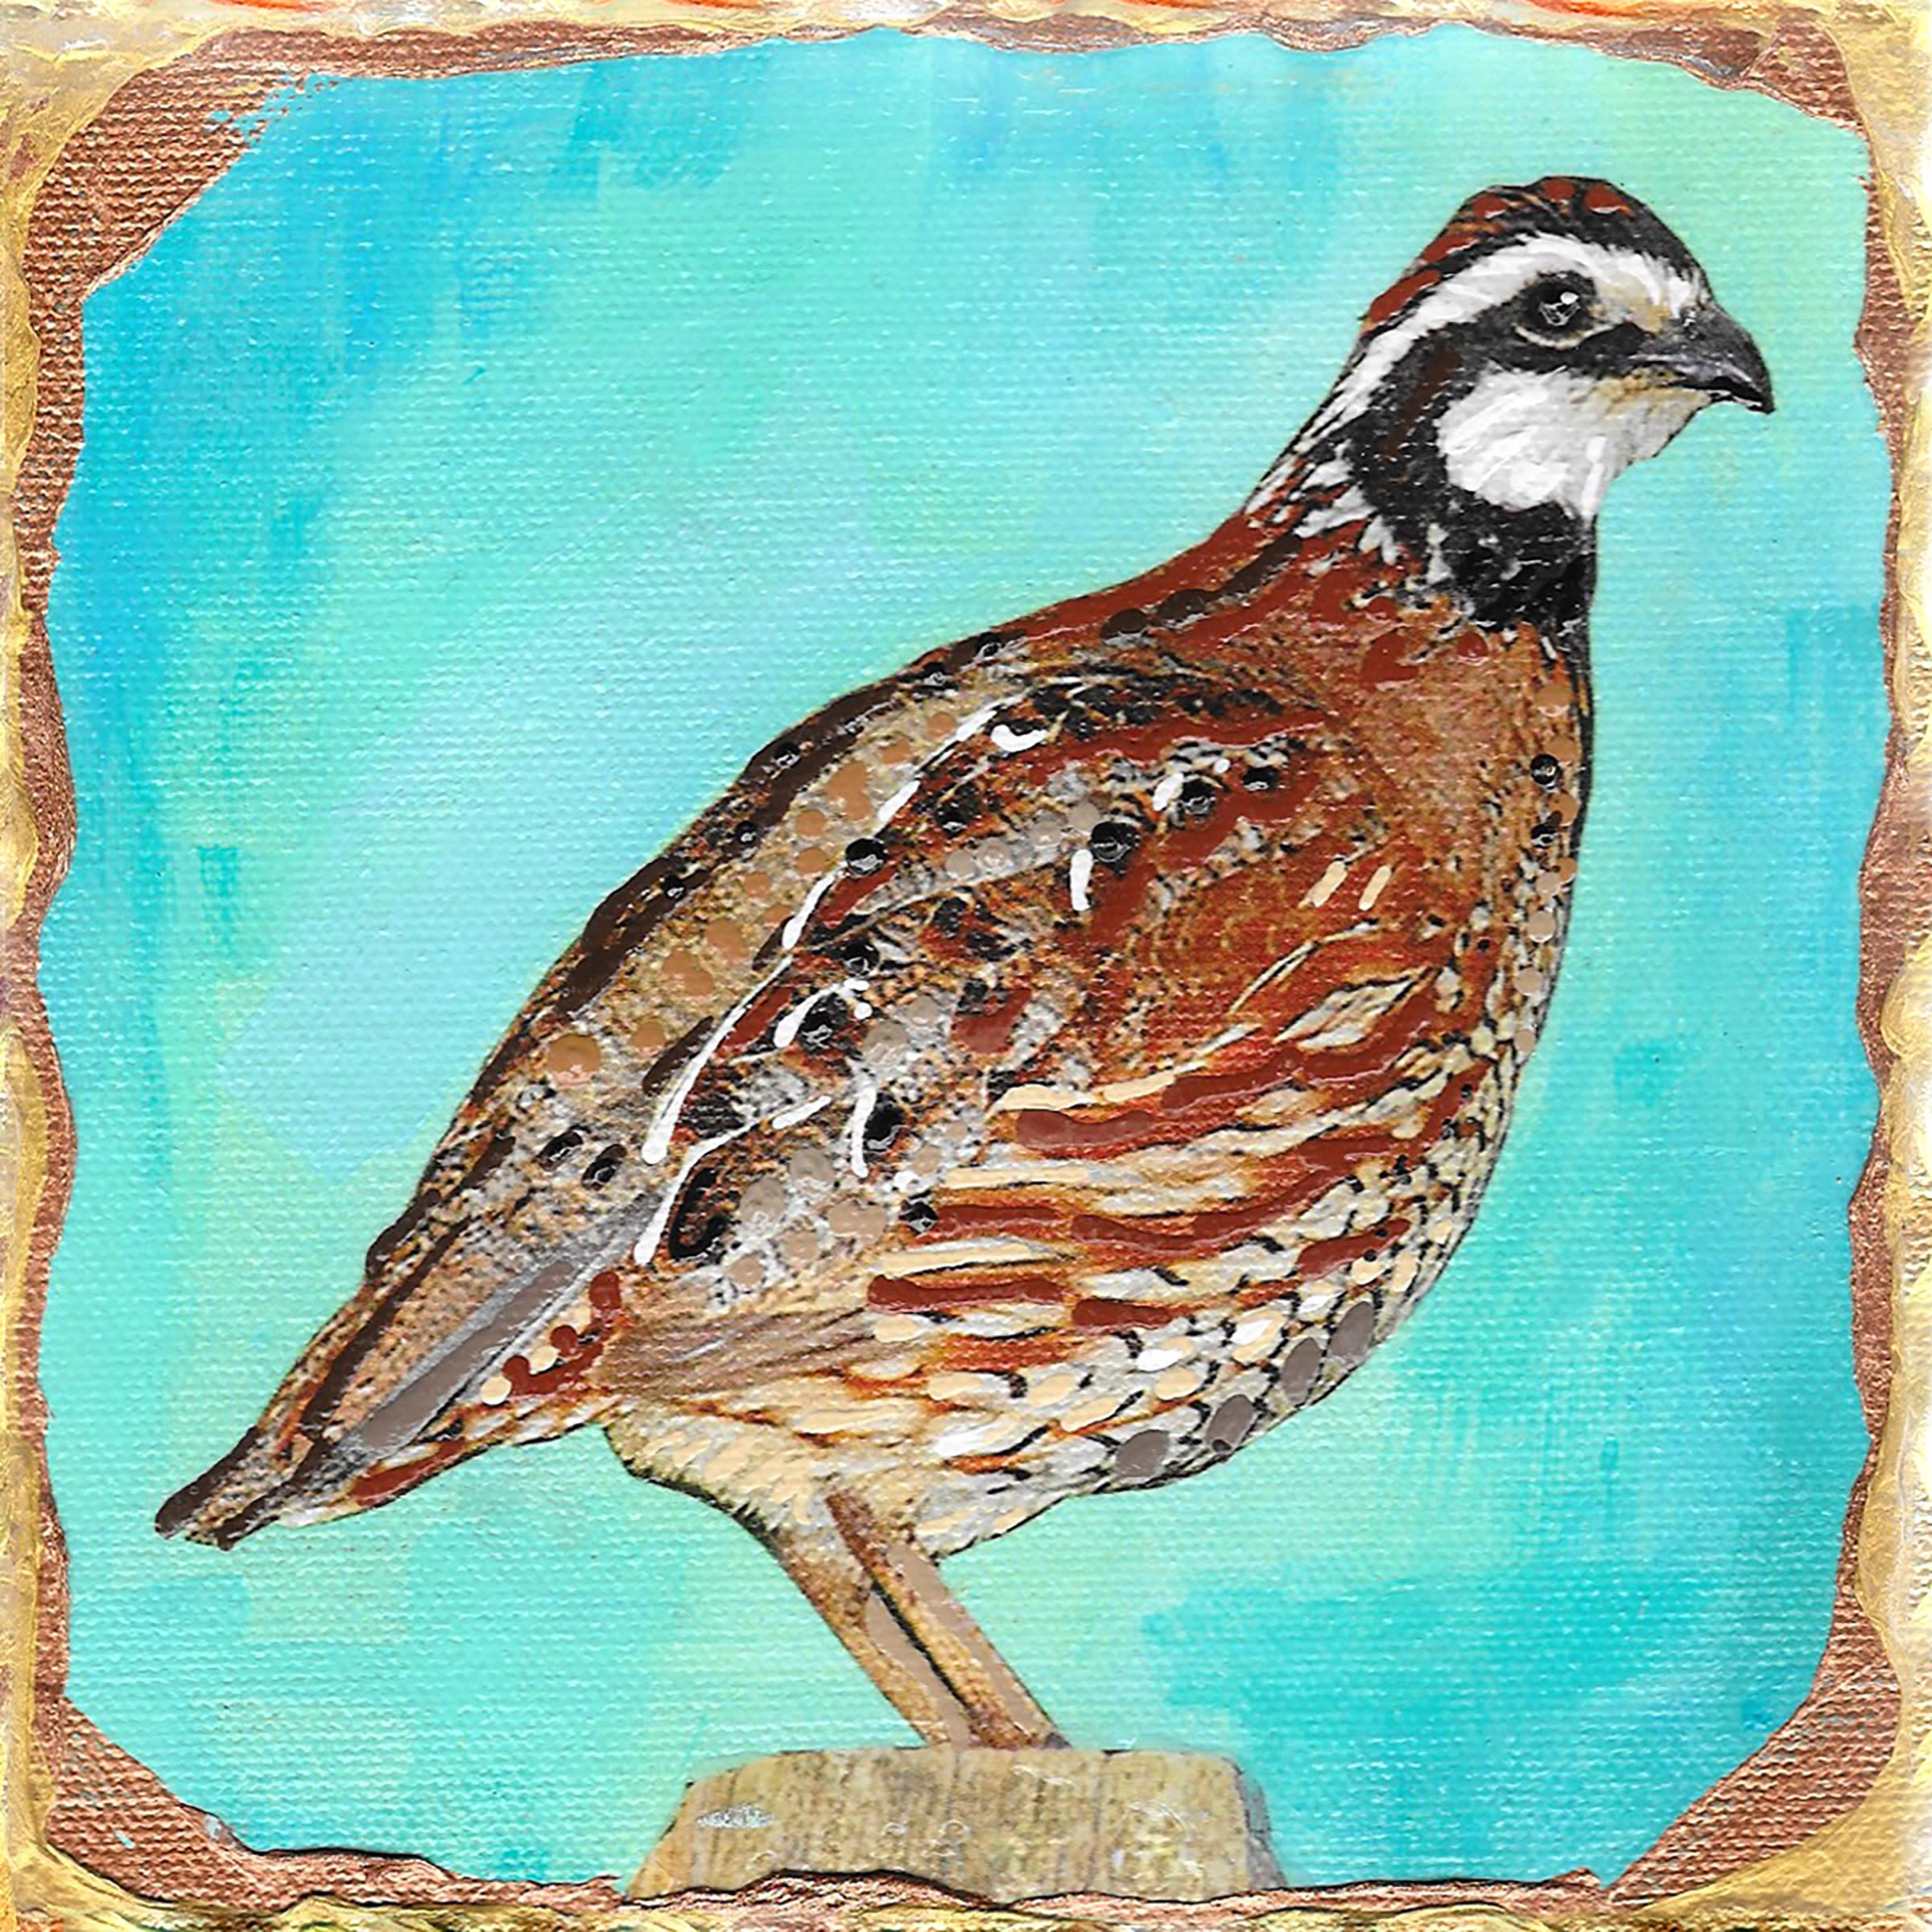 Bobwhite quail ocpxrn